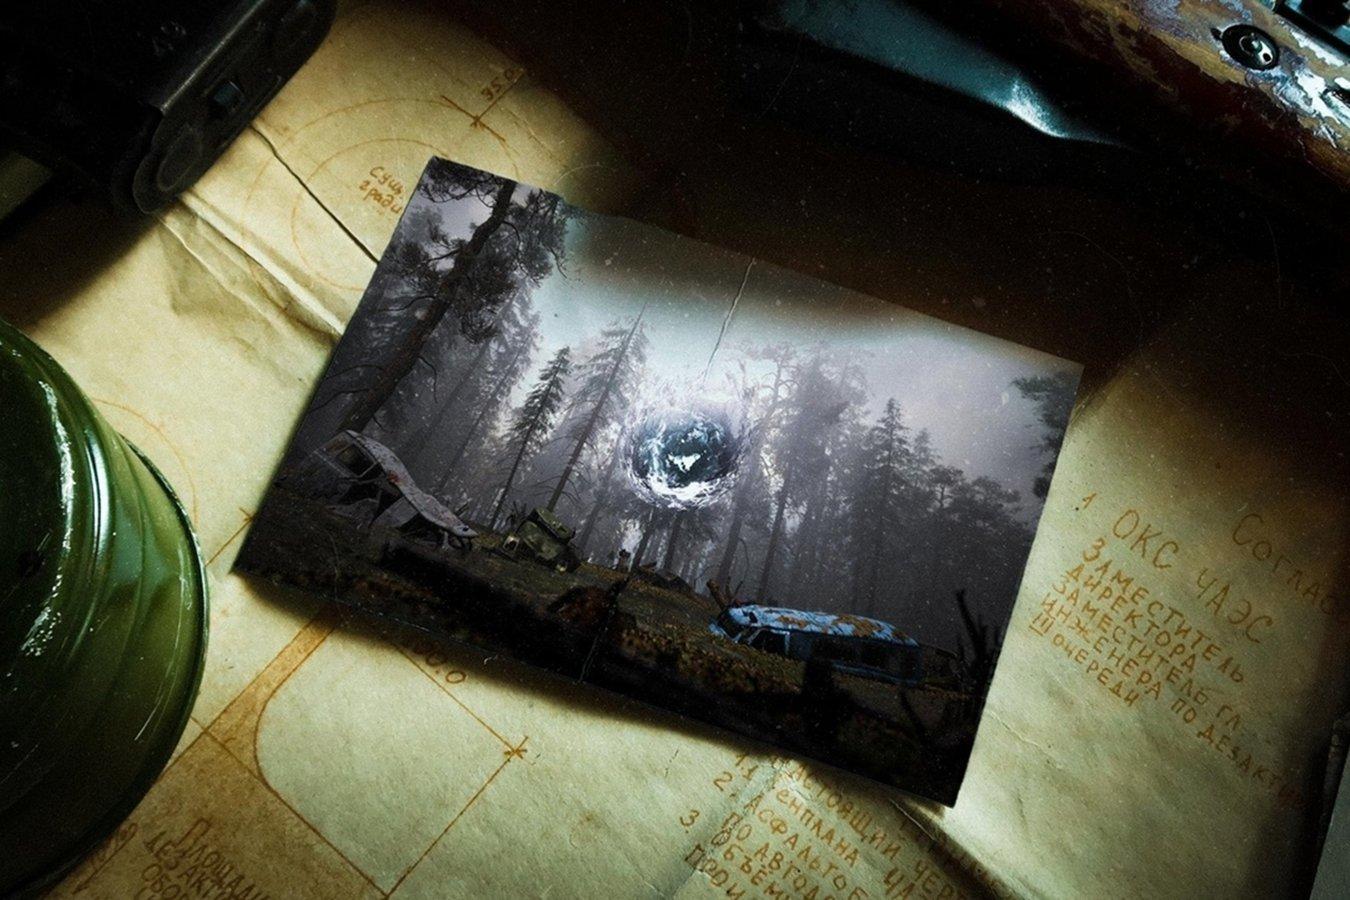 Авторы S.T.A.L.K.E.R. 2 рассказали новые подробности об игре